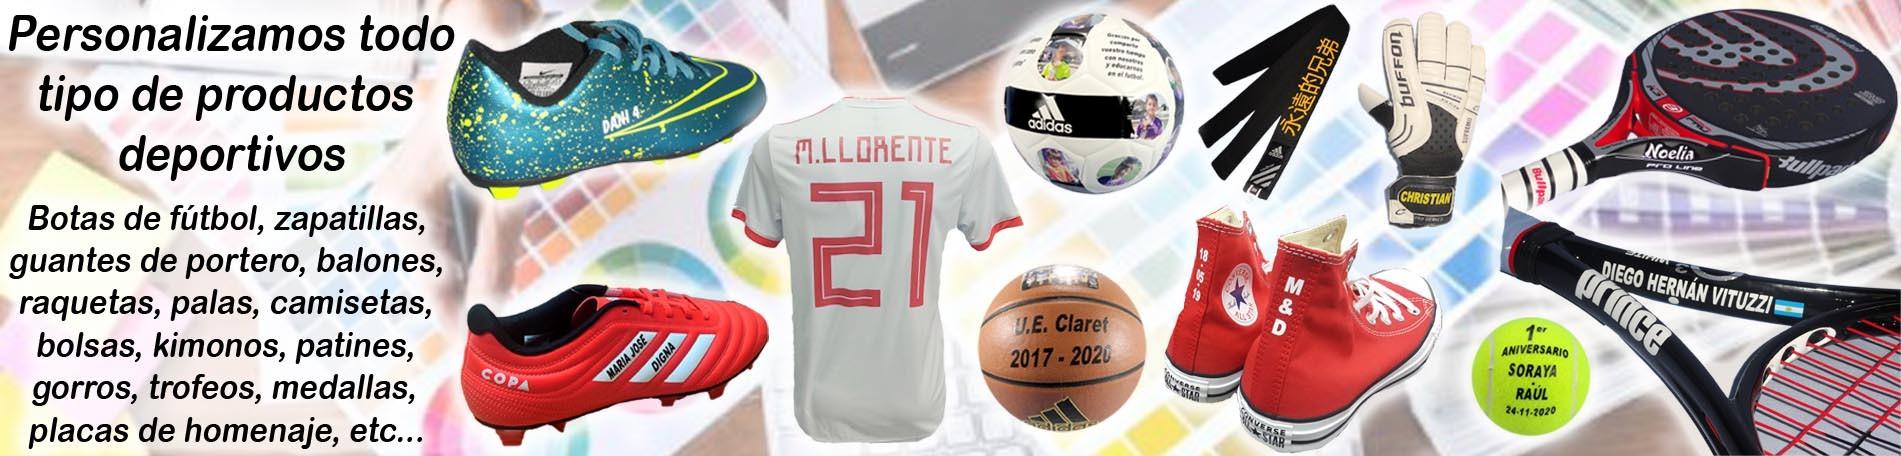 Personalizados productos deportivos en Deportes Mazarracin Valdemoro